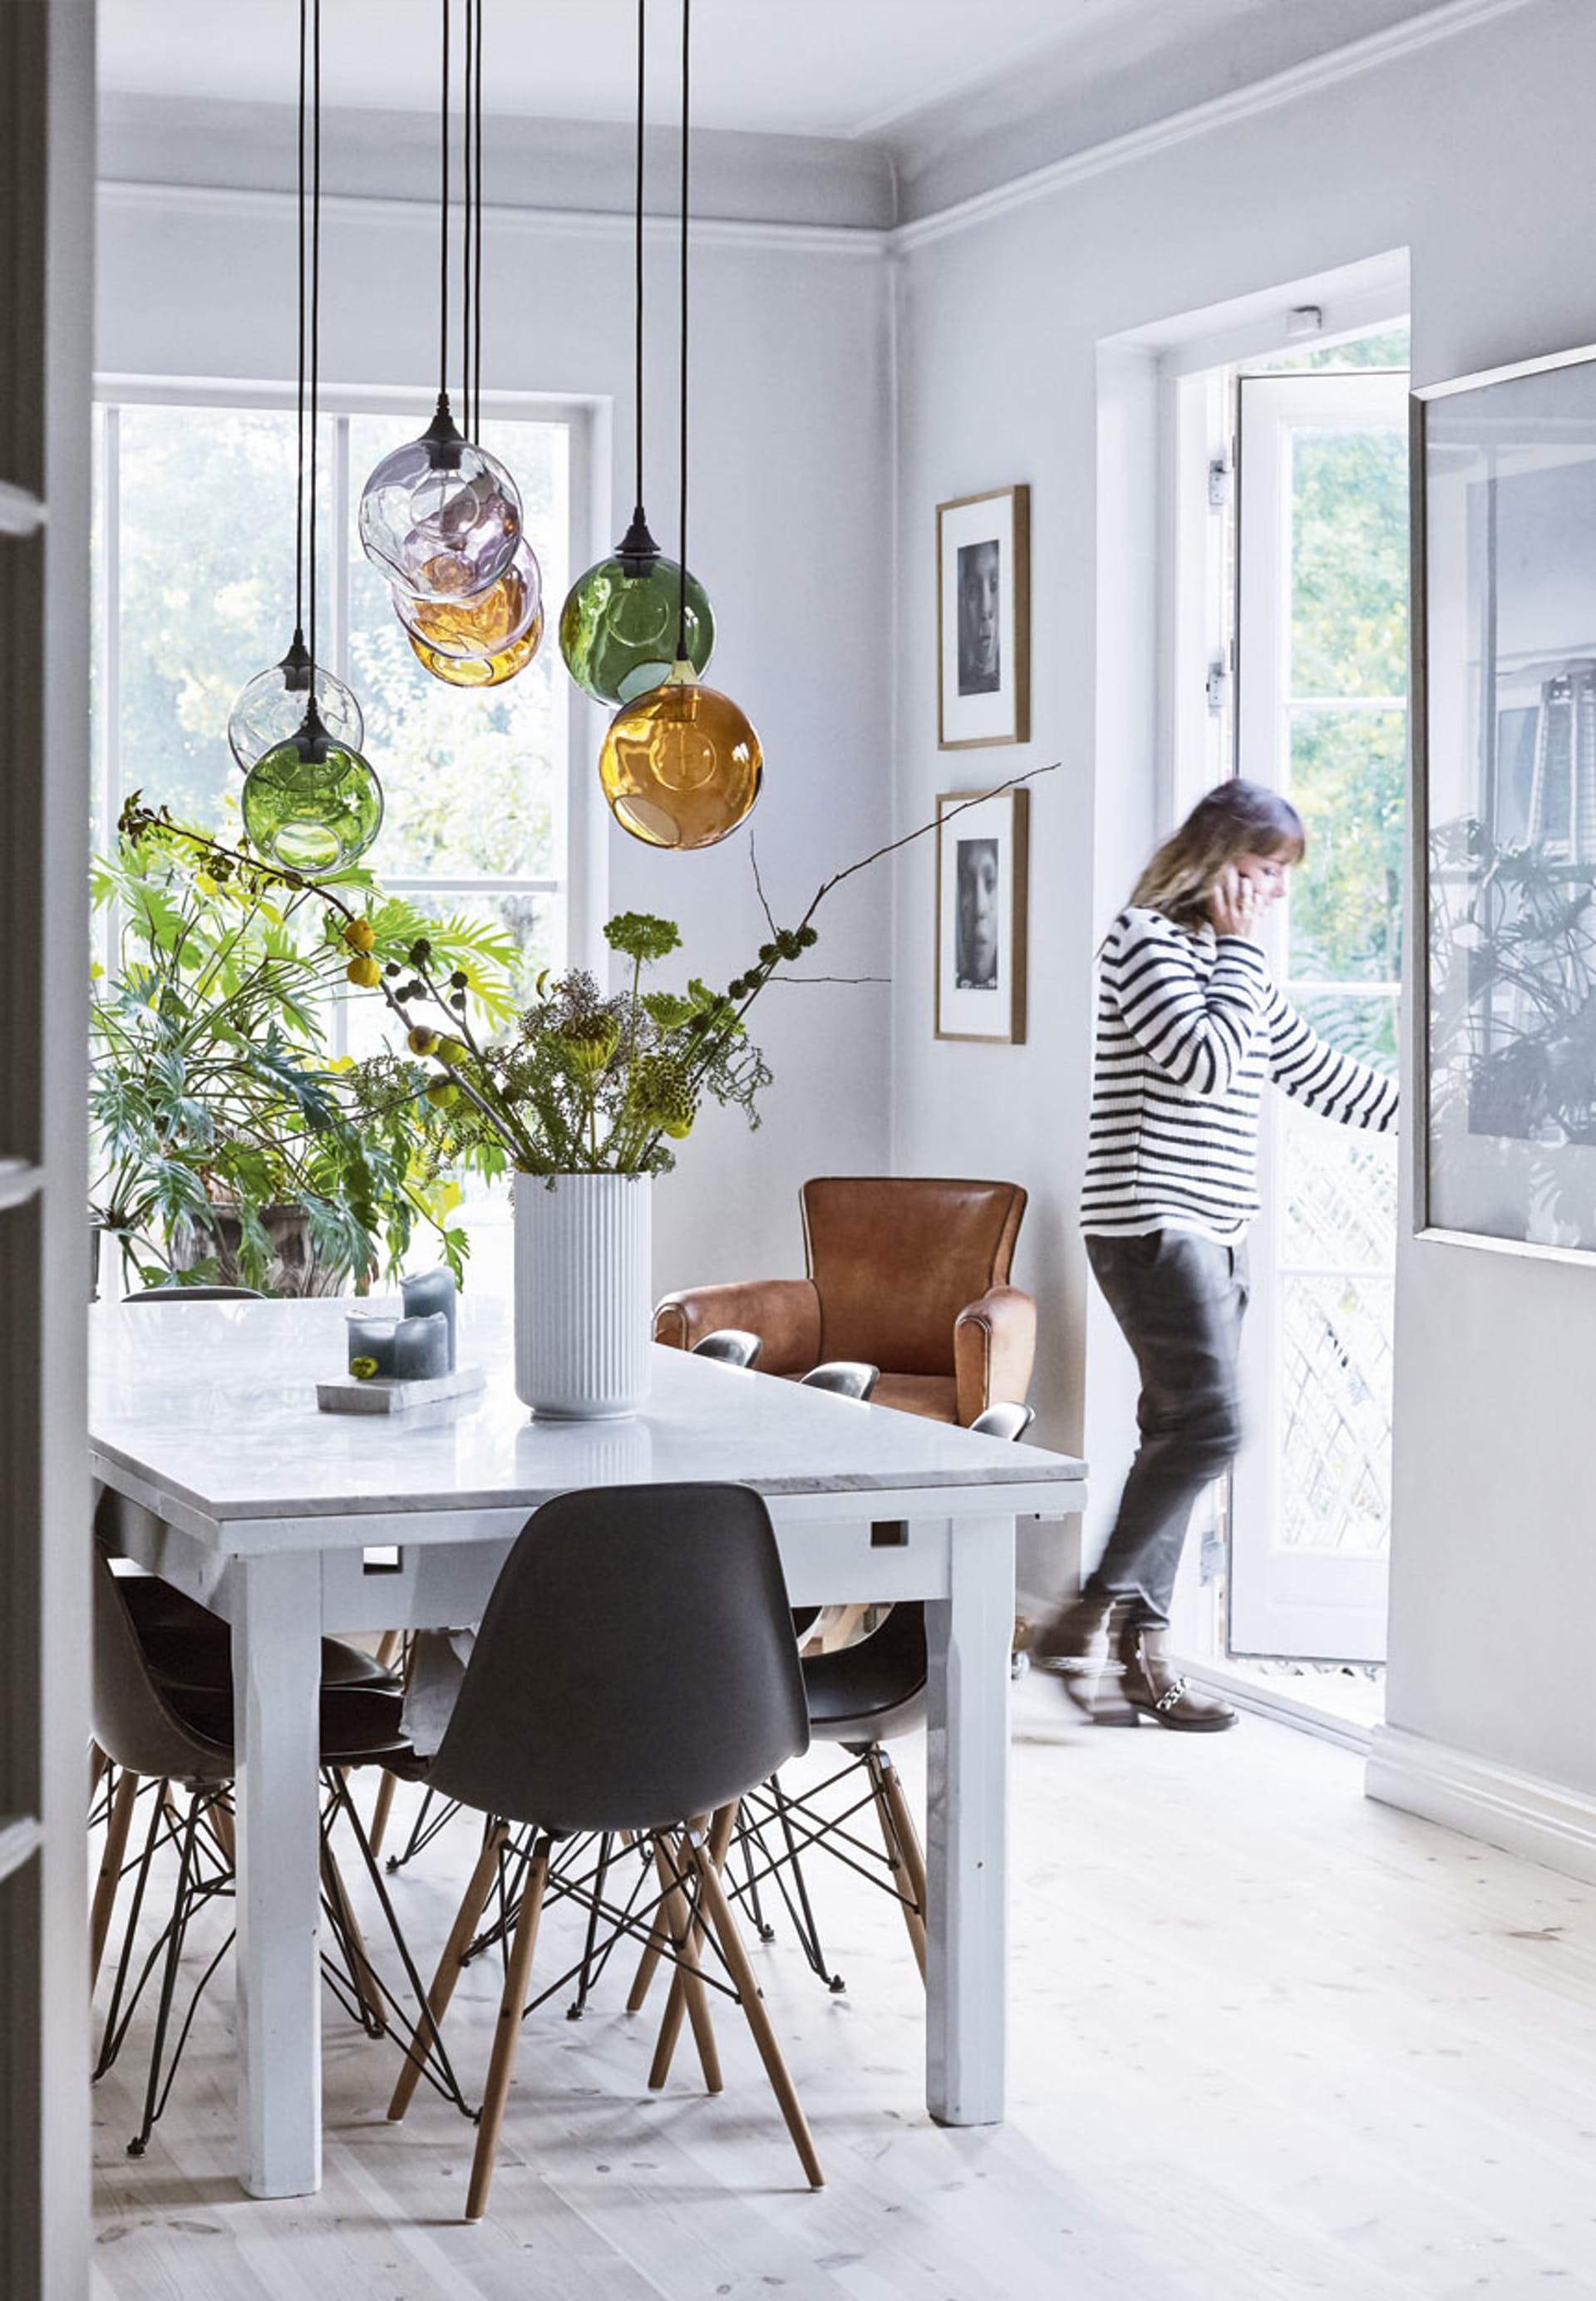 Binnenkijken in een Deens interieur met veel kunst - Alles om van je ...